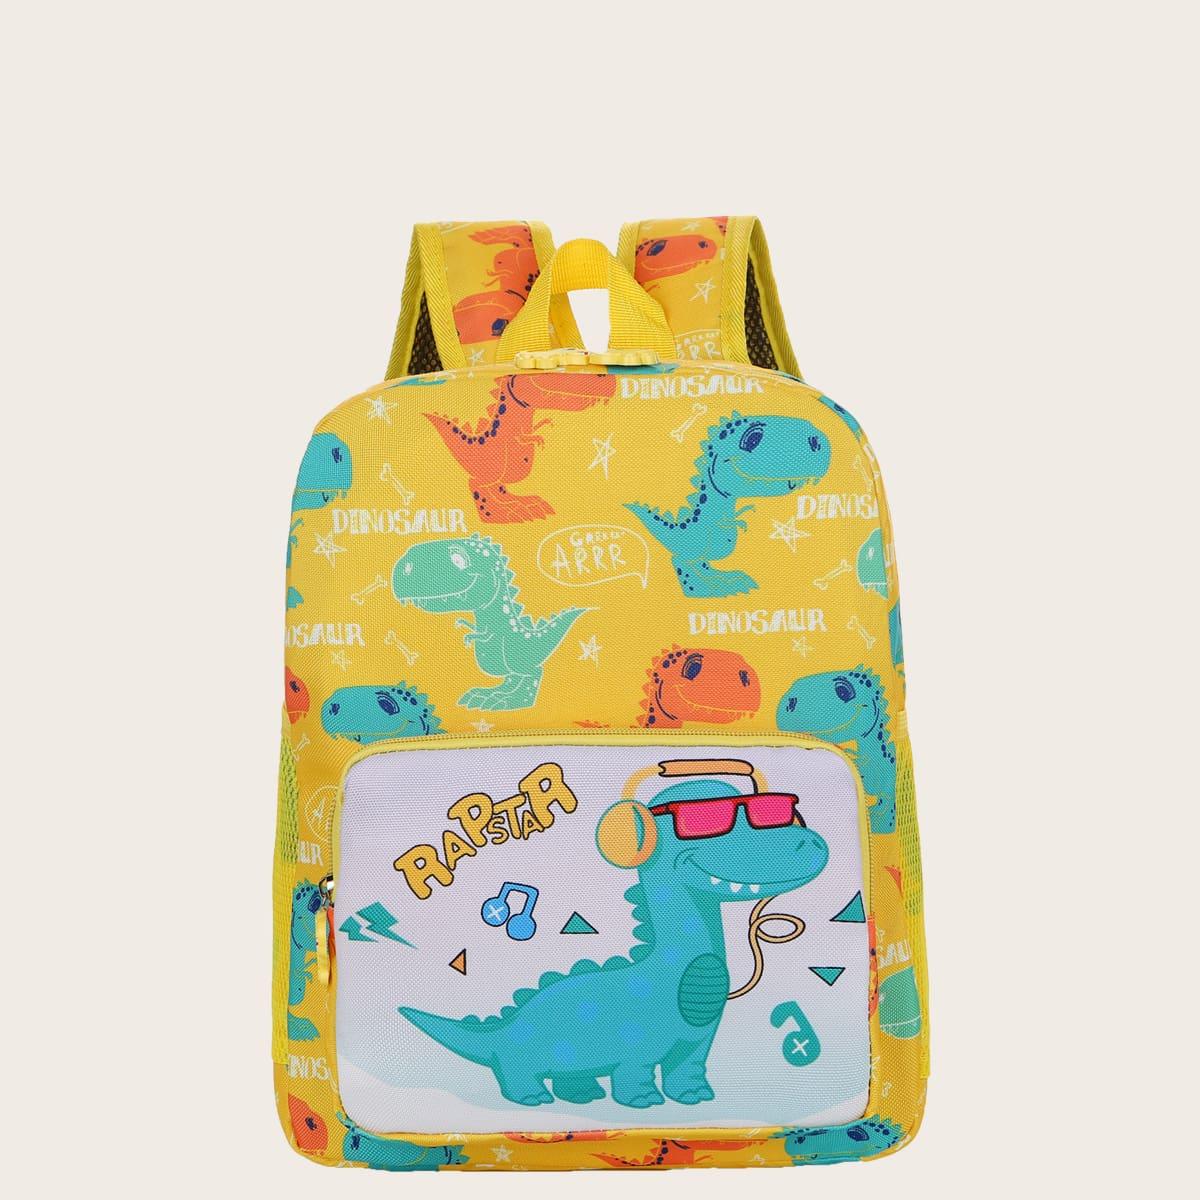 Классический рюкзак с рисунком динозавра и букв для детей